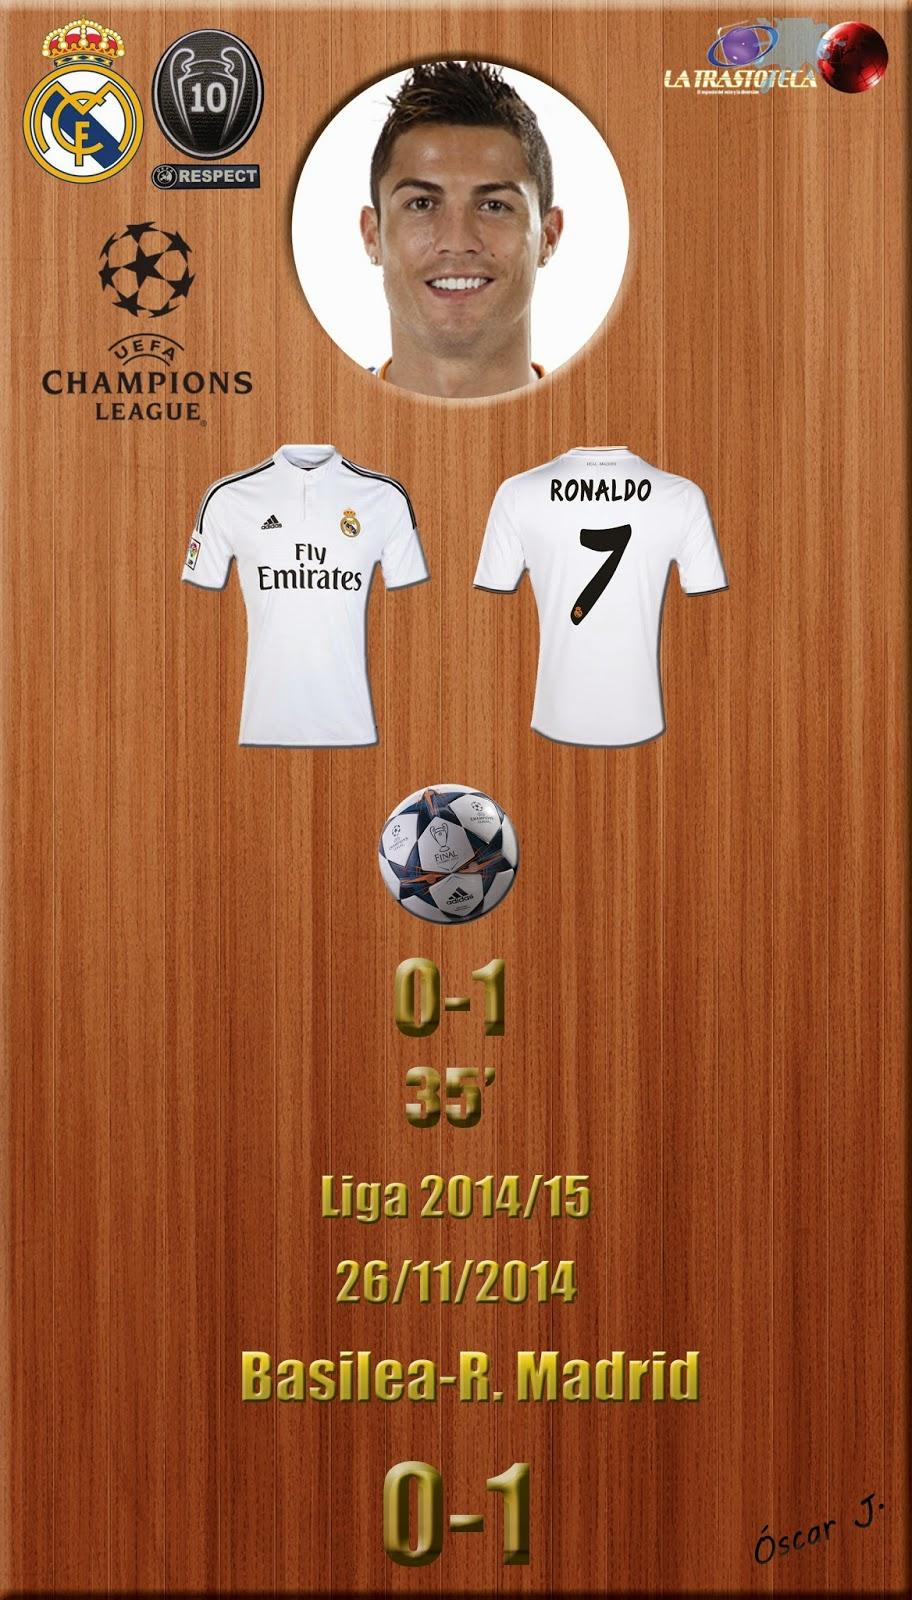 Cristiano Ronaldo - (0-1) - Basilea 0-1 Real Madrid - Champions League  2014/15 - Jornada 5 - (26/11/2014)